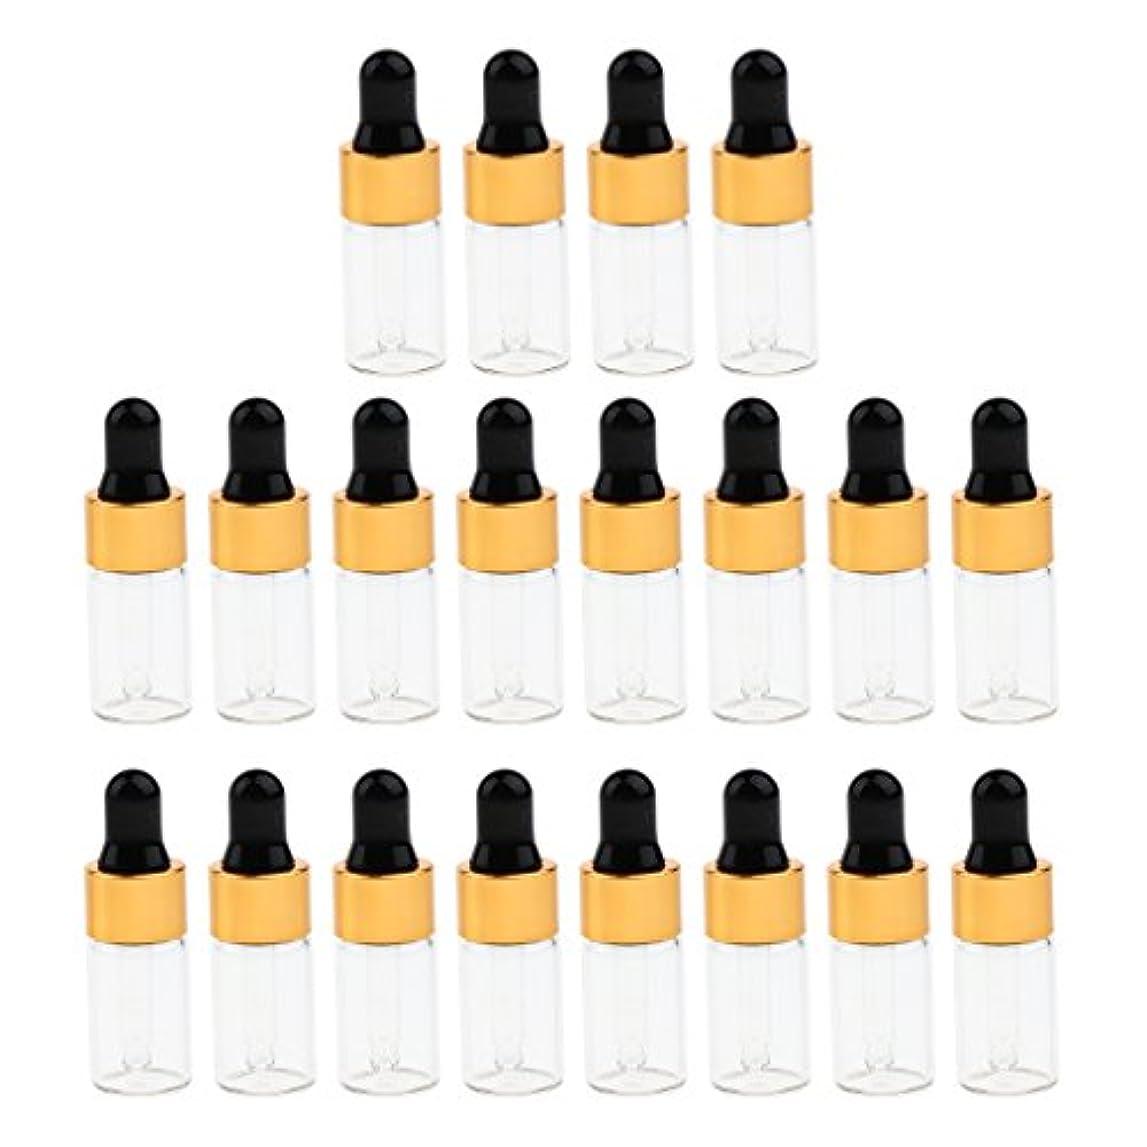 糸バージン傘CUTICATE エッセンシャルオイル コスメ 詰替え容器 サンプルボトル ドロッパーピペットボトル 3サイズ選べ - 3 ミリリットル